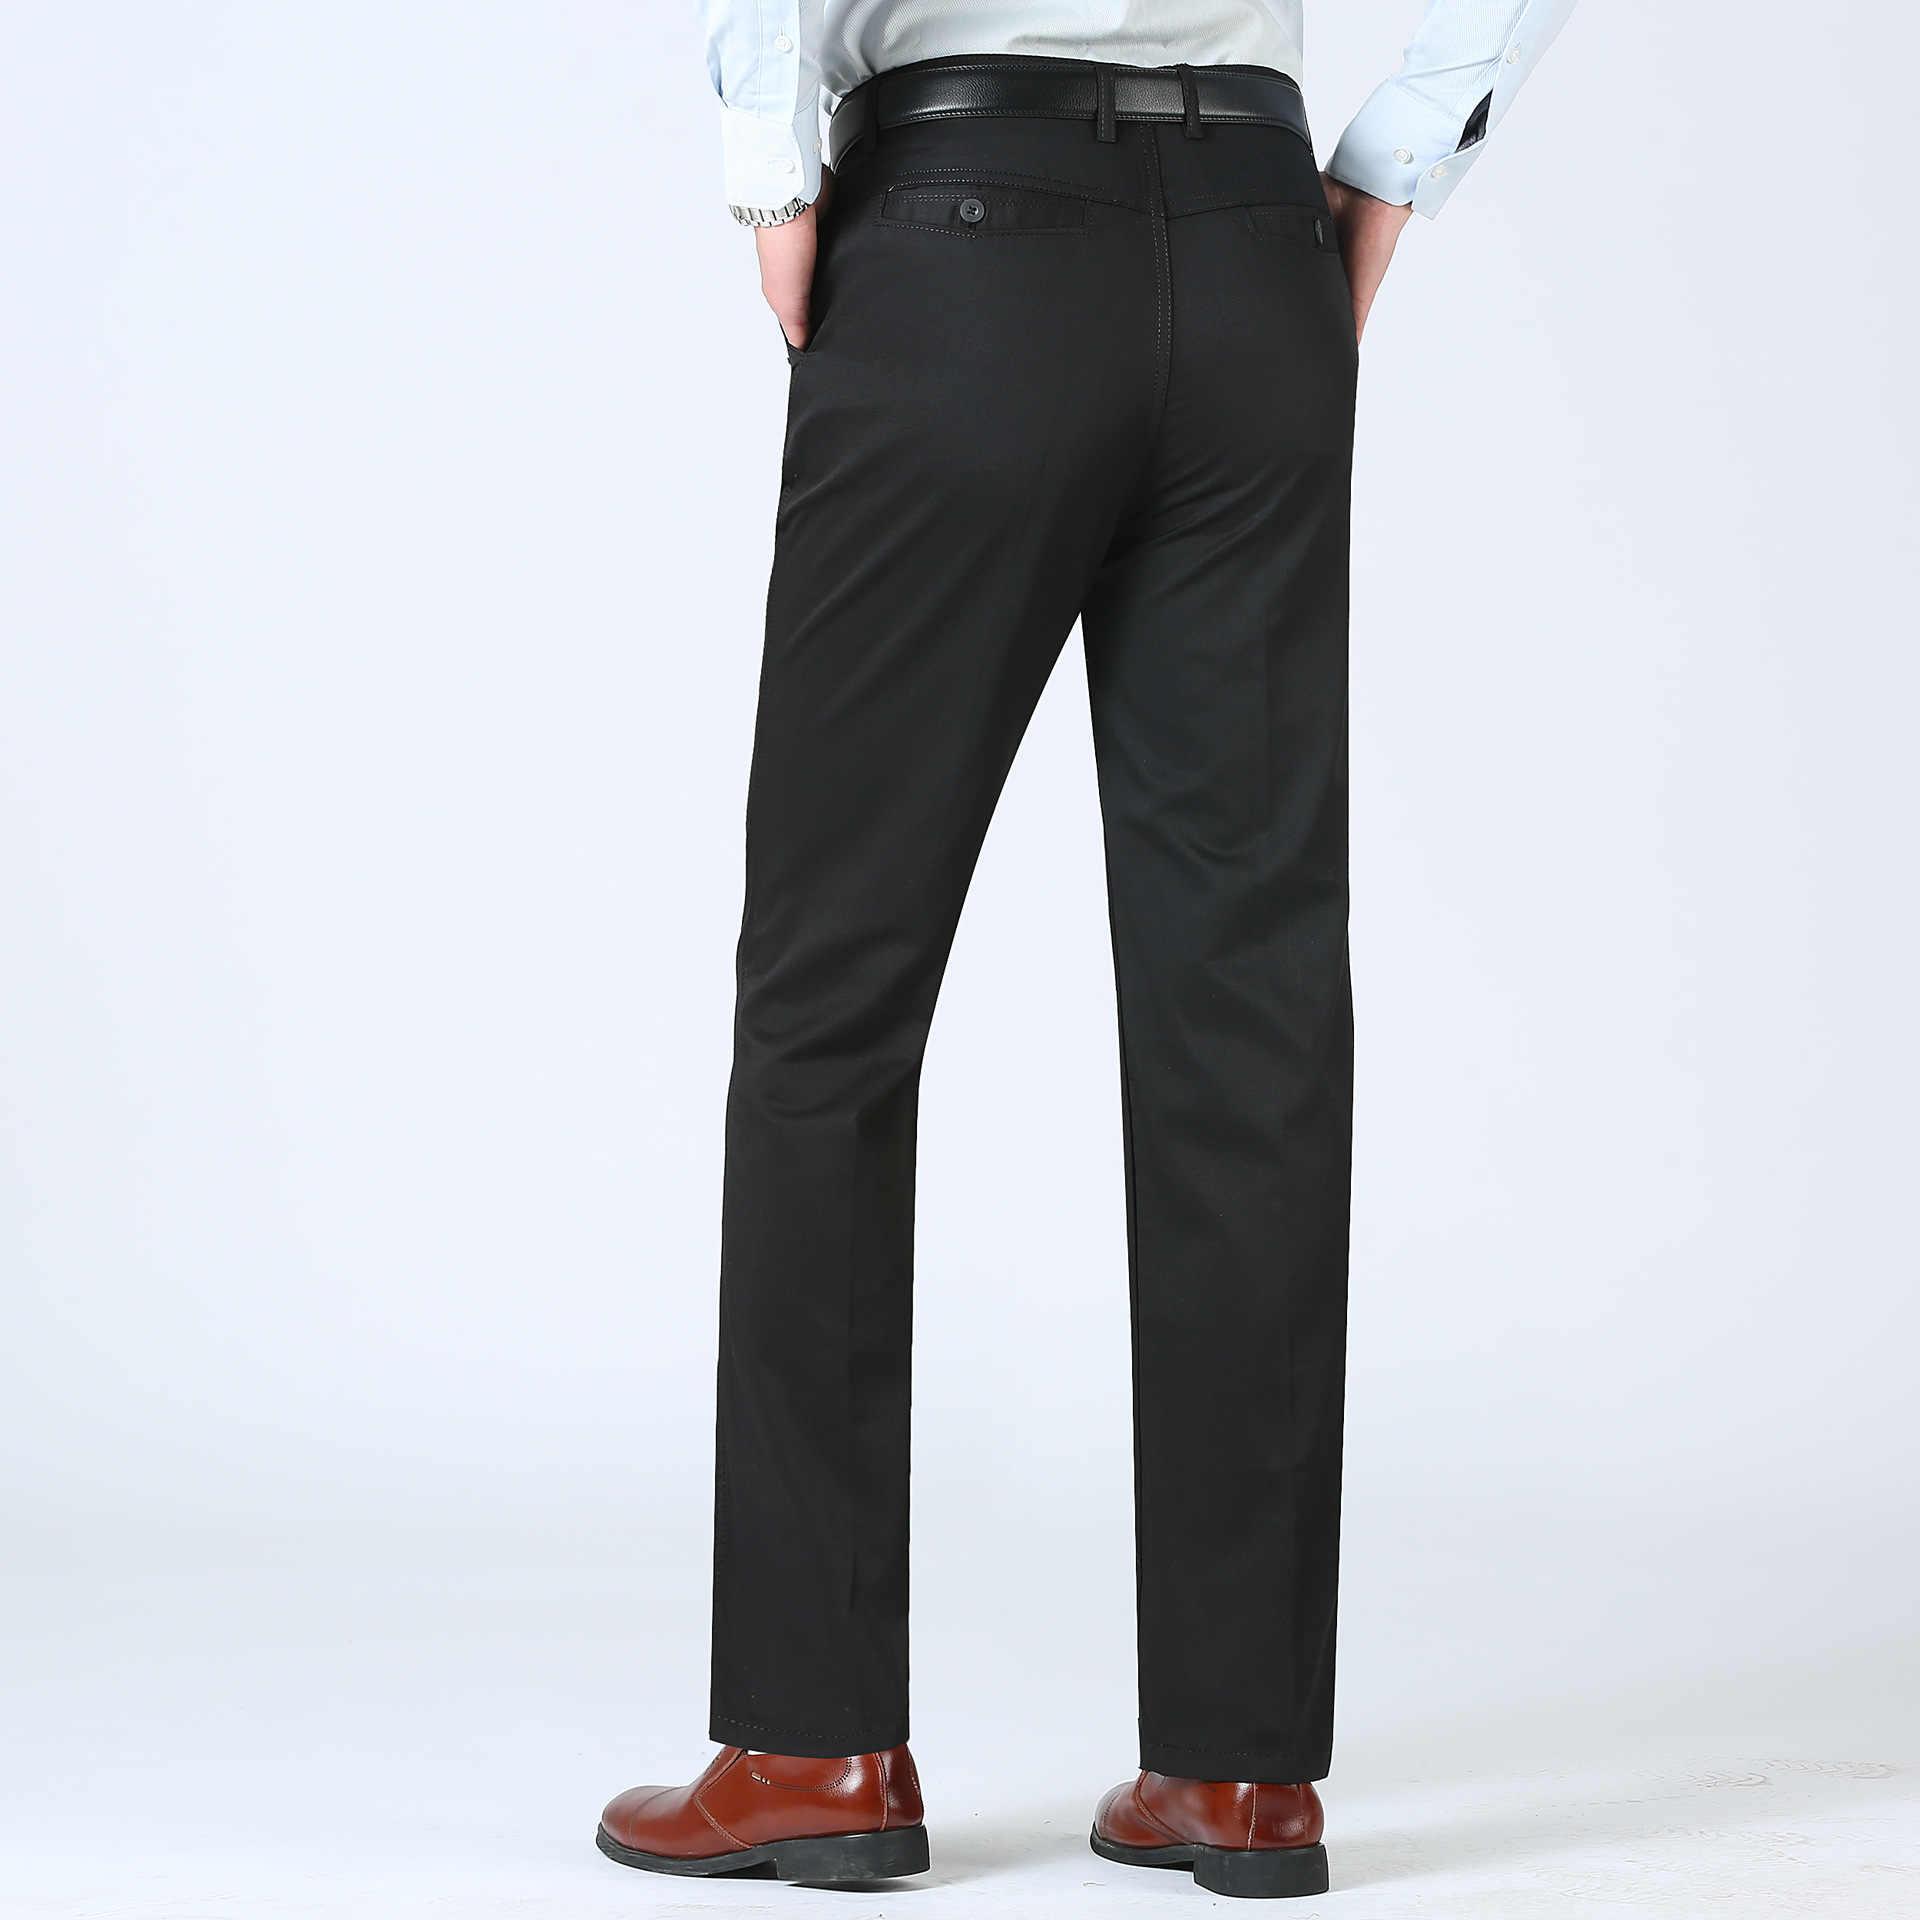 MRMT 2020 브랜드 여름 남성 바지 얇은 캐주얼 느슨한 솔리드 컬러 중년 높은 허리 바지 남성 긴 바지에 대 한